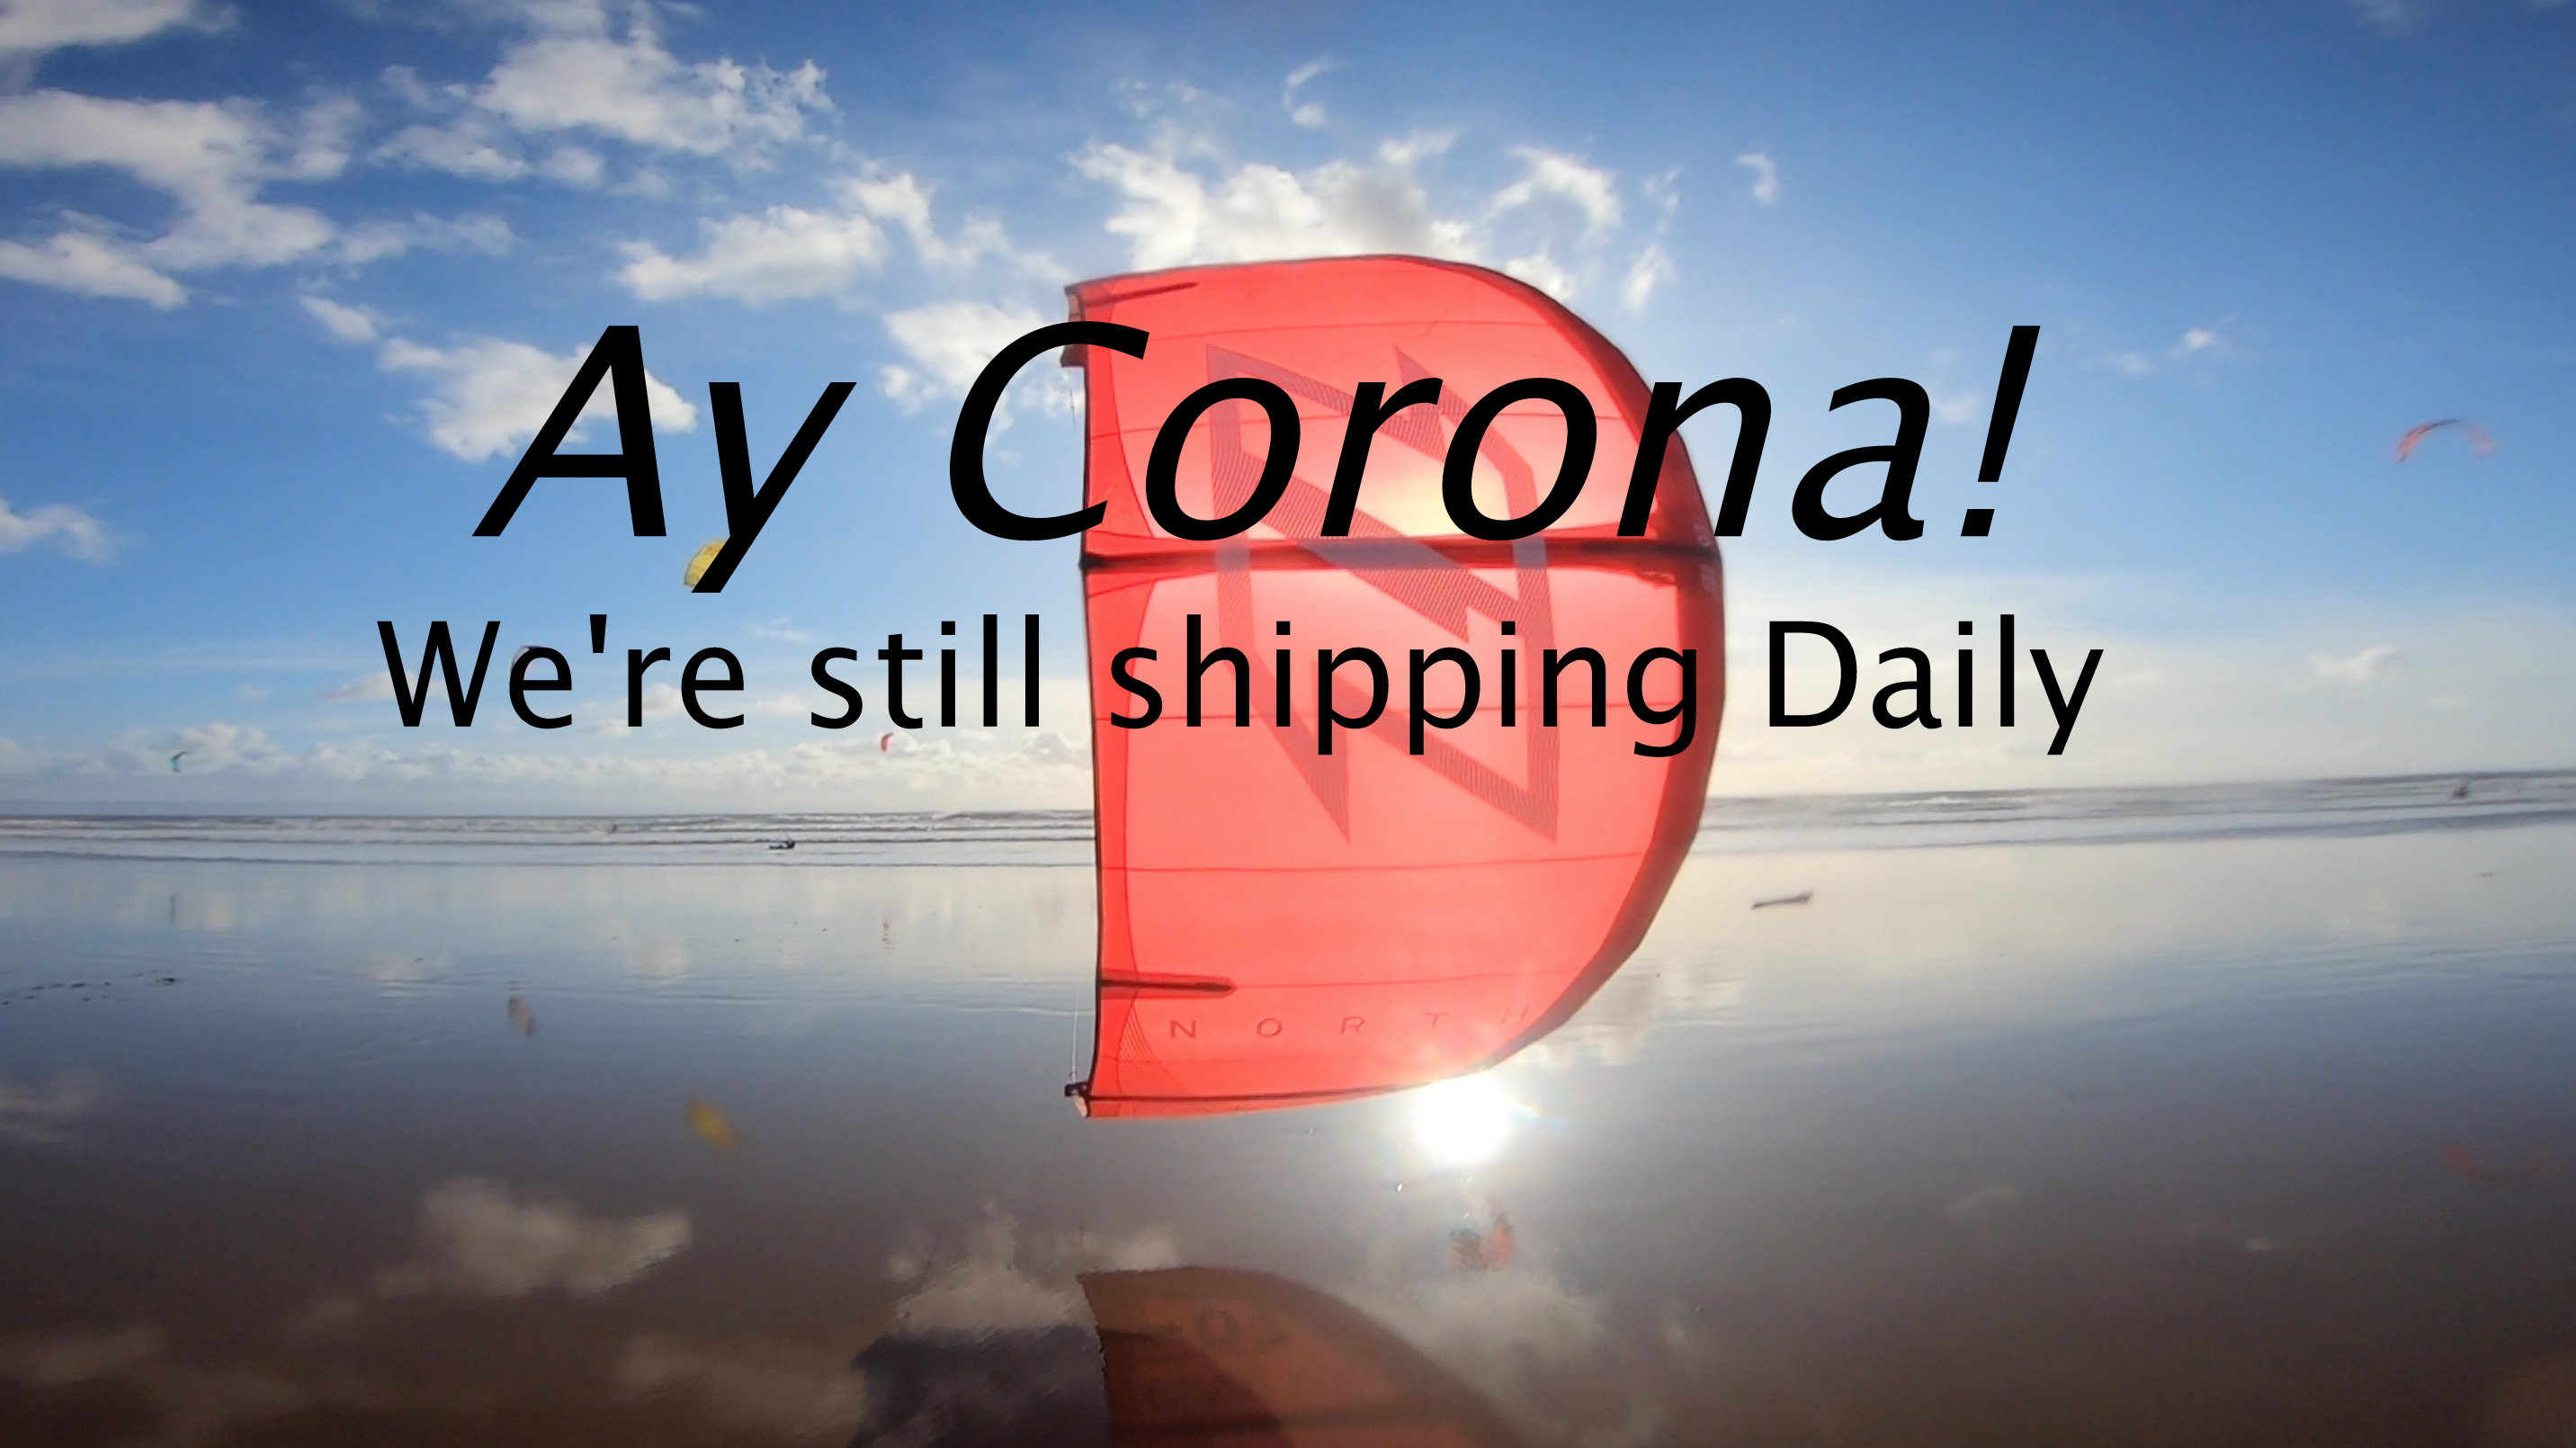 Ay Corona!